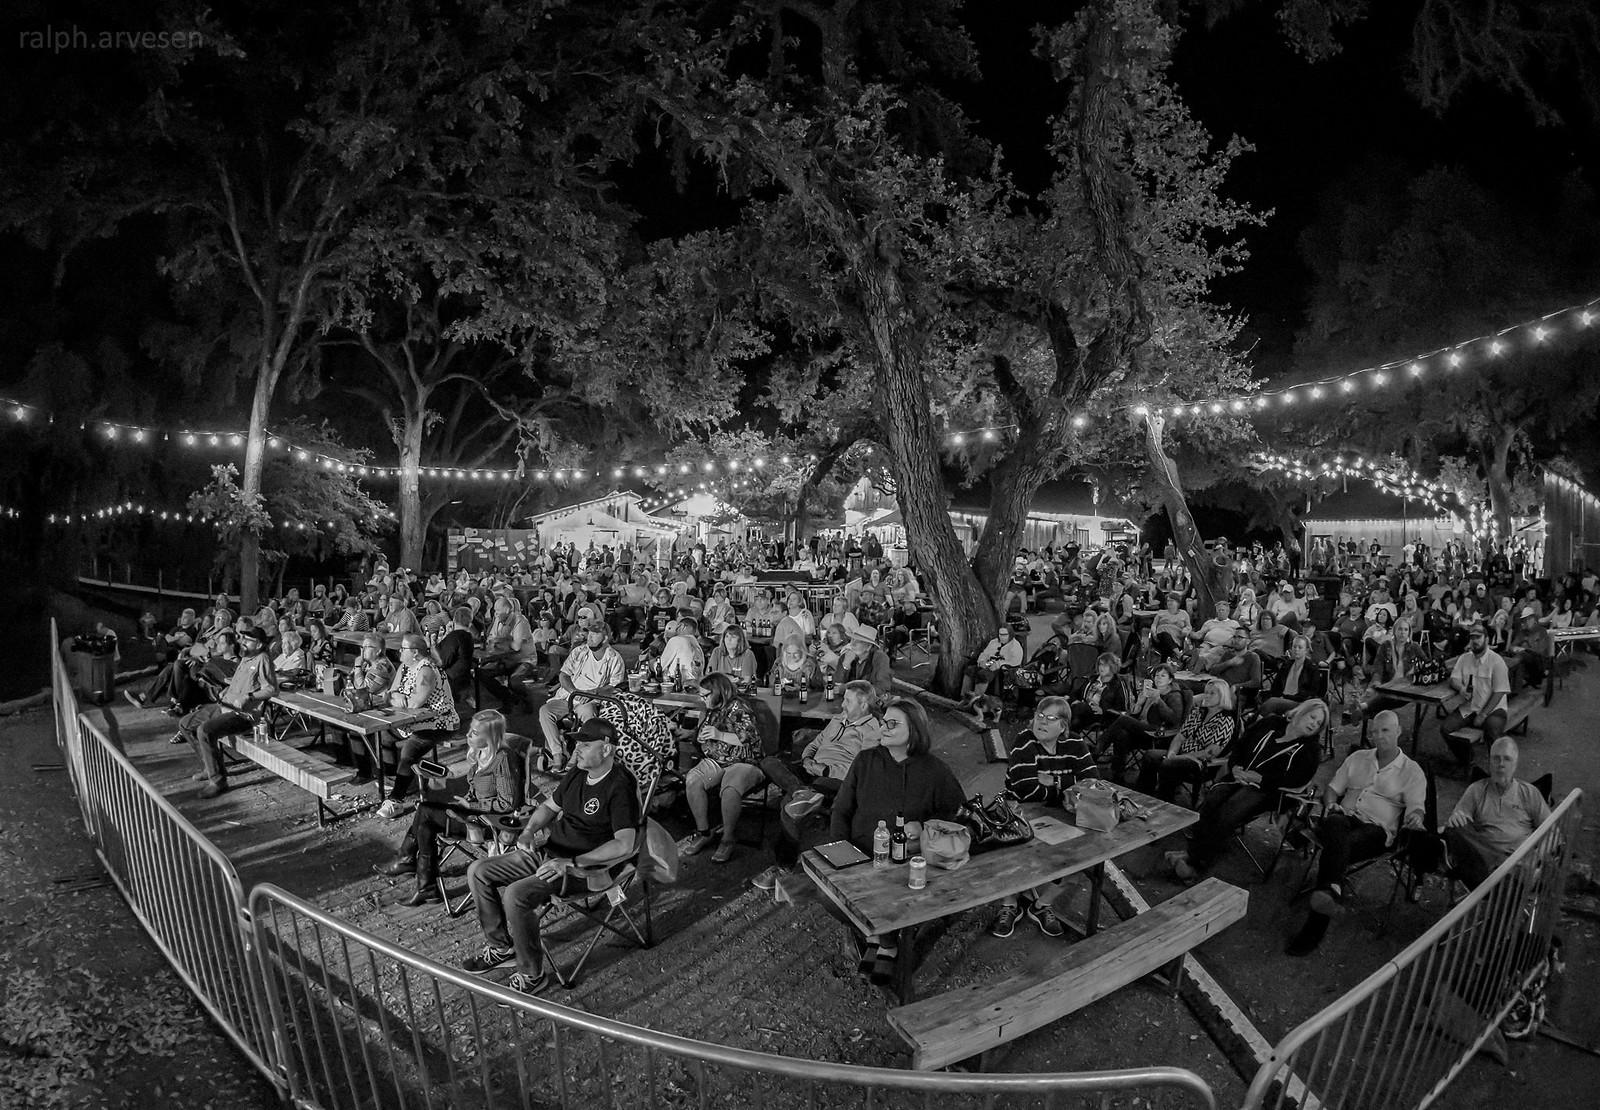 Shinyribs | Texas Review | Ralph Arvesen